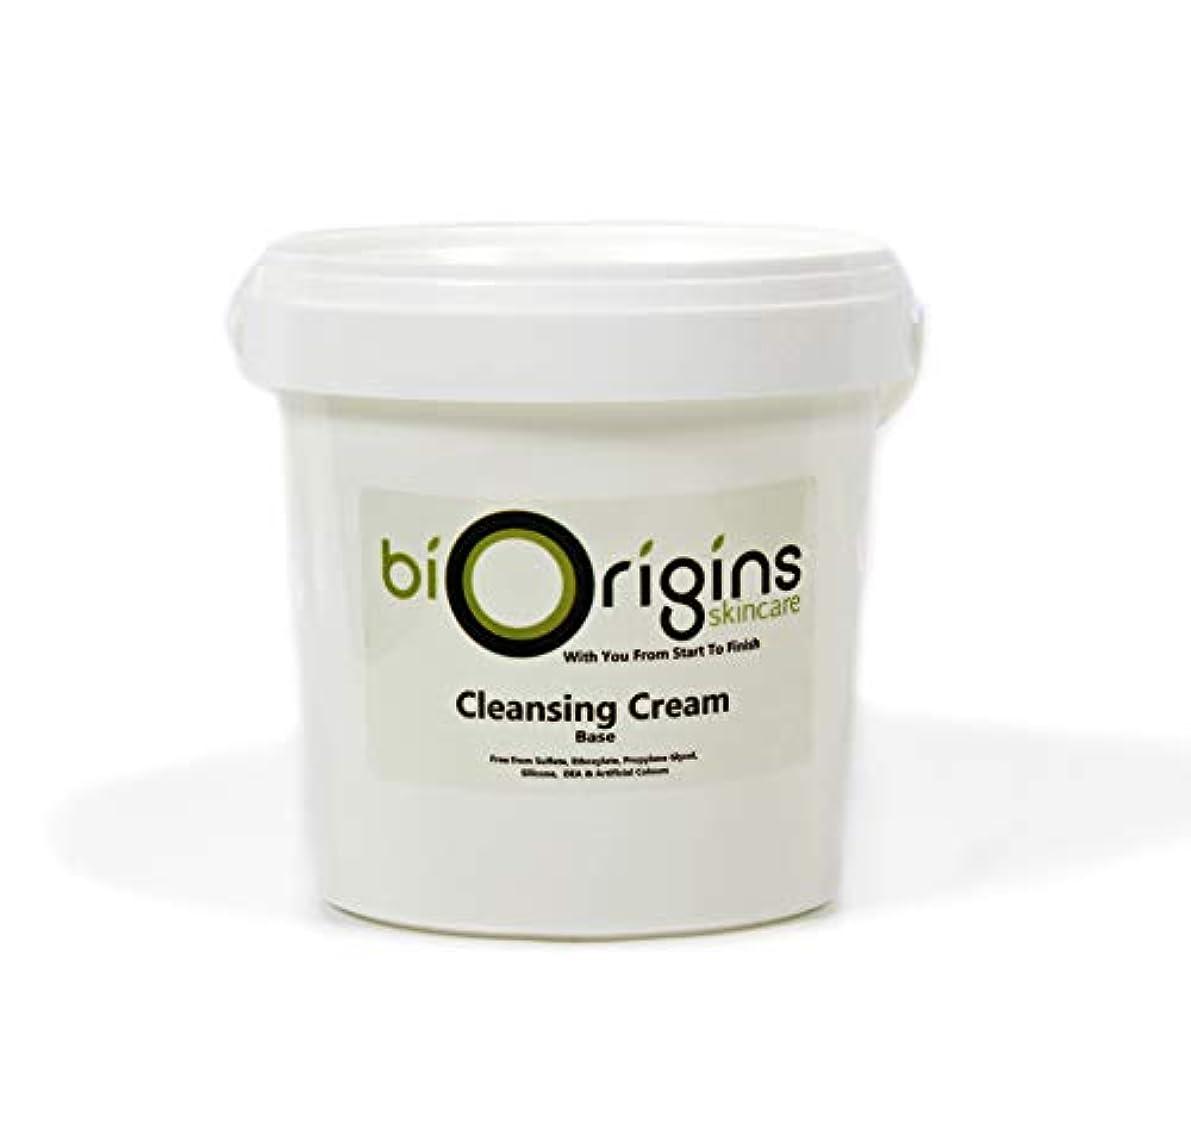 マントハチ新鮮なClarifying Cleansing Cream - Botanical Skincare Base - 1Kg